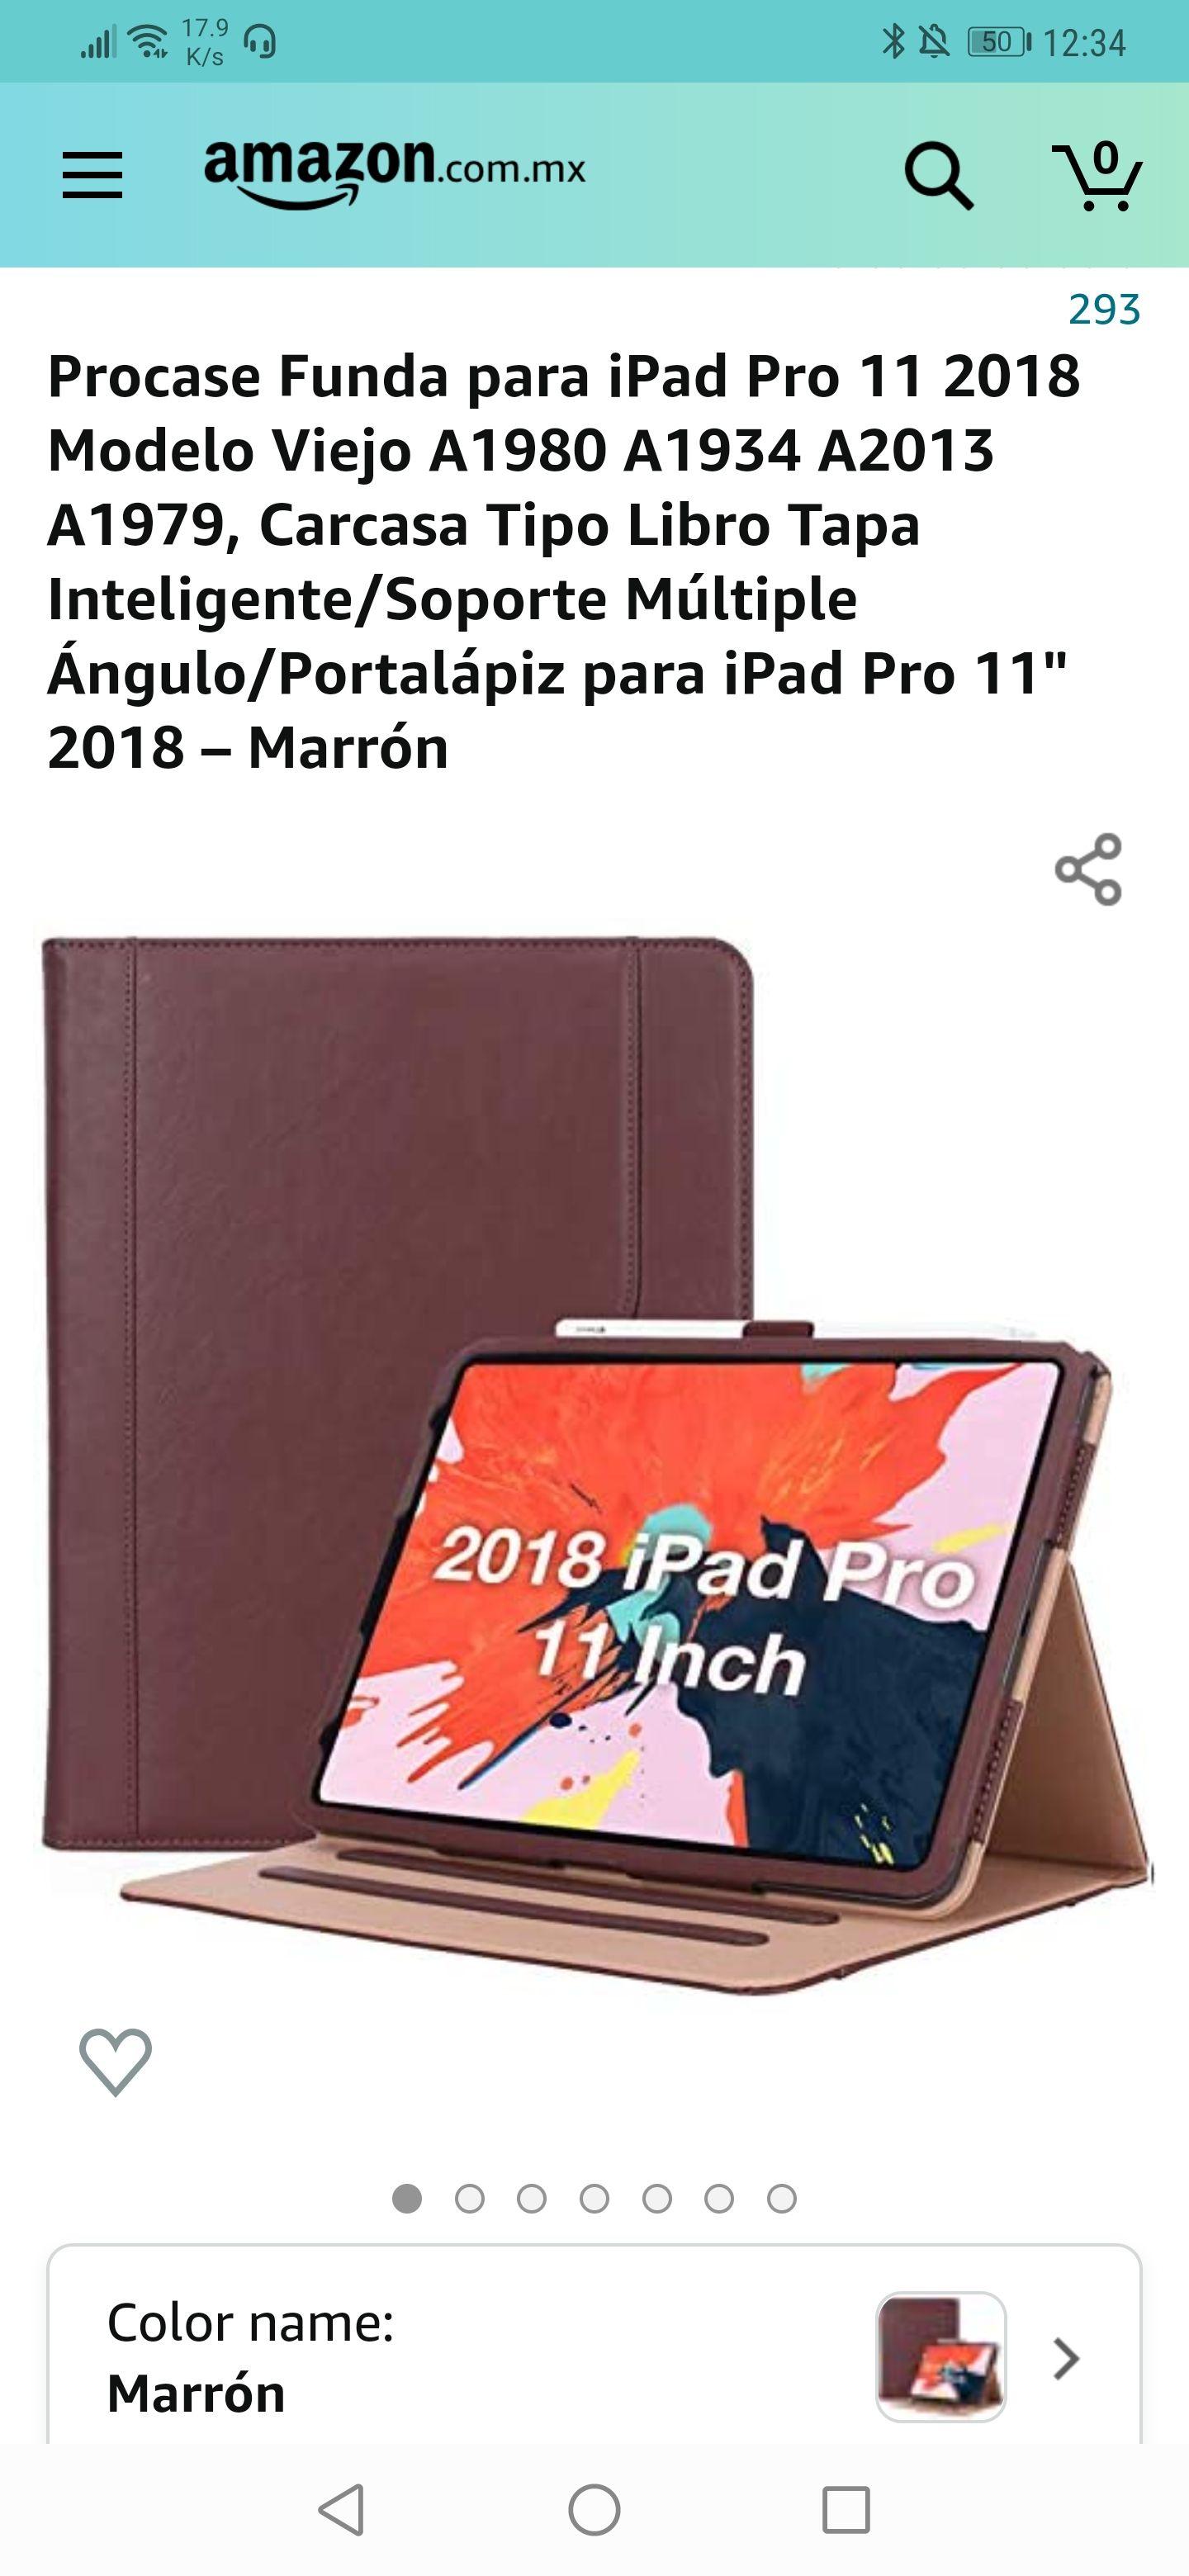 Amazon: Funda iPad pro 2018 con portalapiz